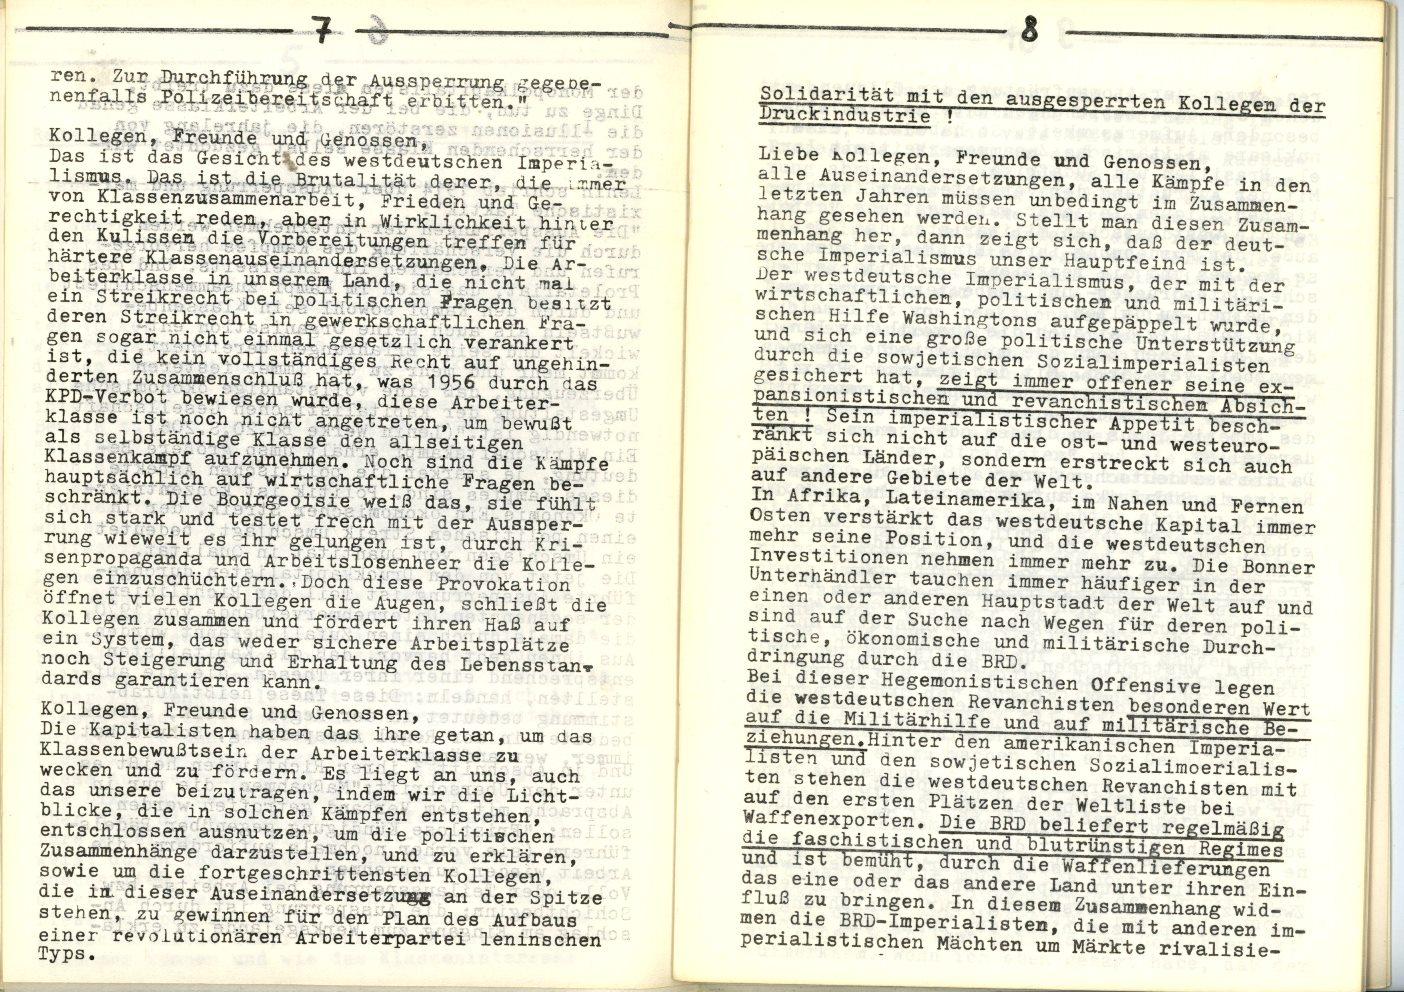 Frankfurt_KABD_zum_Ersten_Mai_1976_05